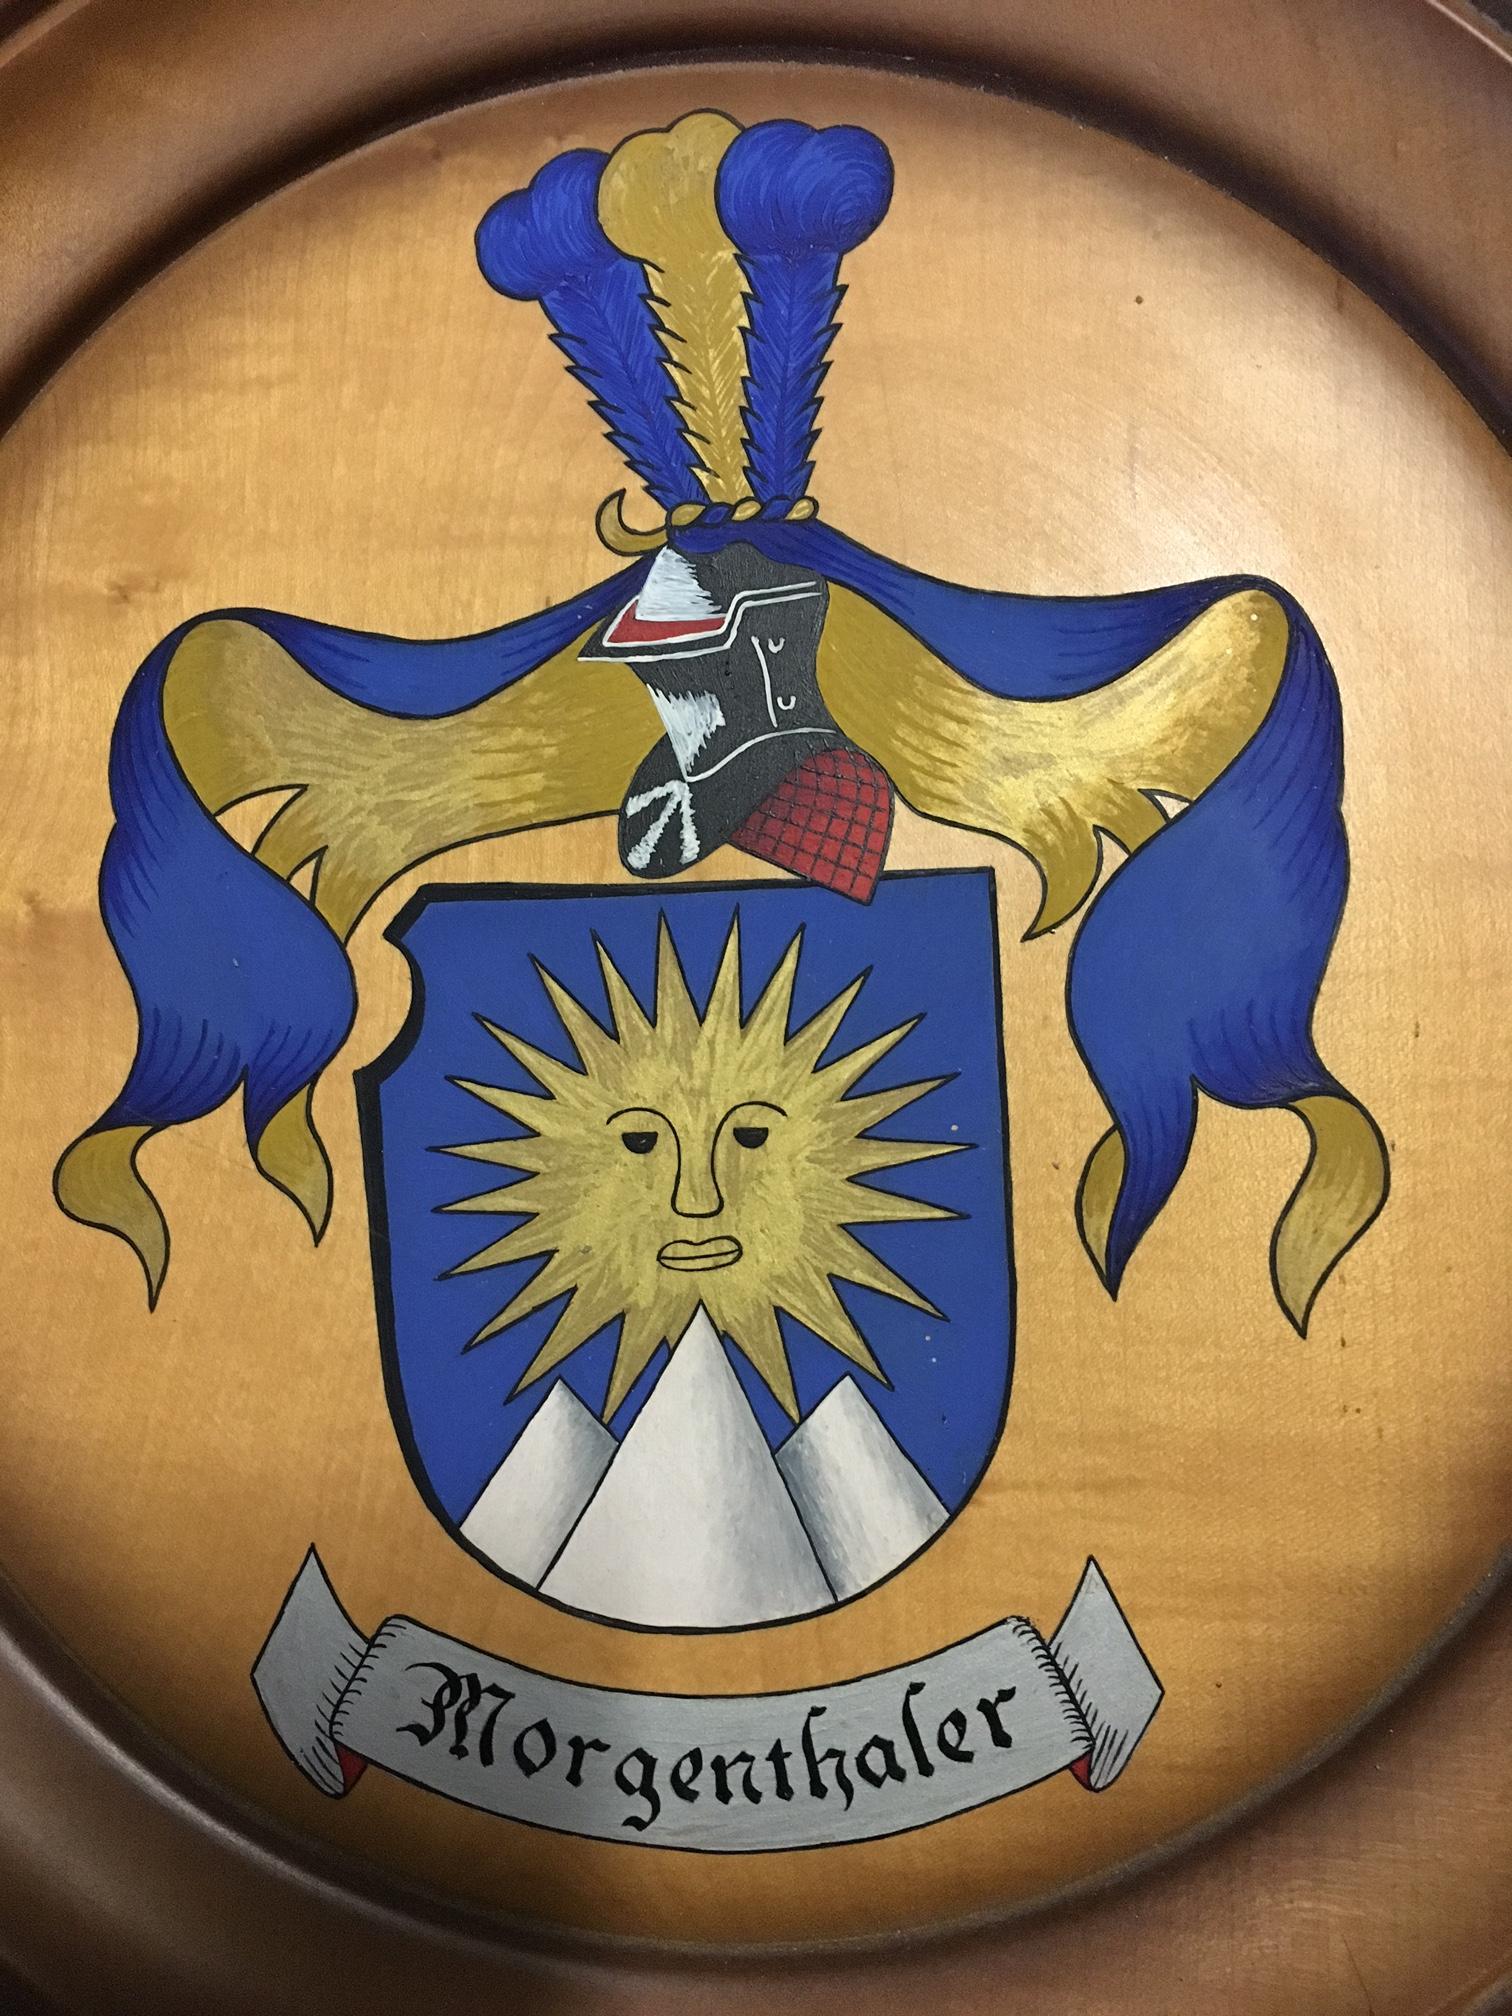 Morgenthaler-Wappen auf Holz / Morgenthaler enblem on wood